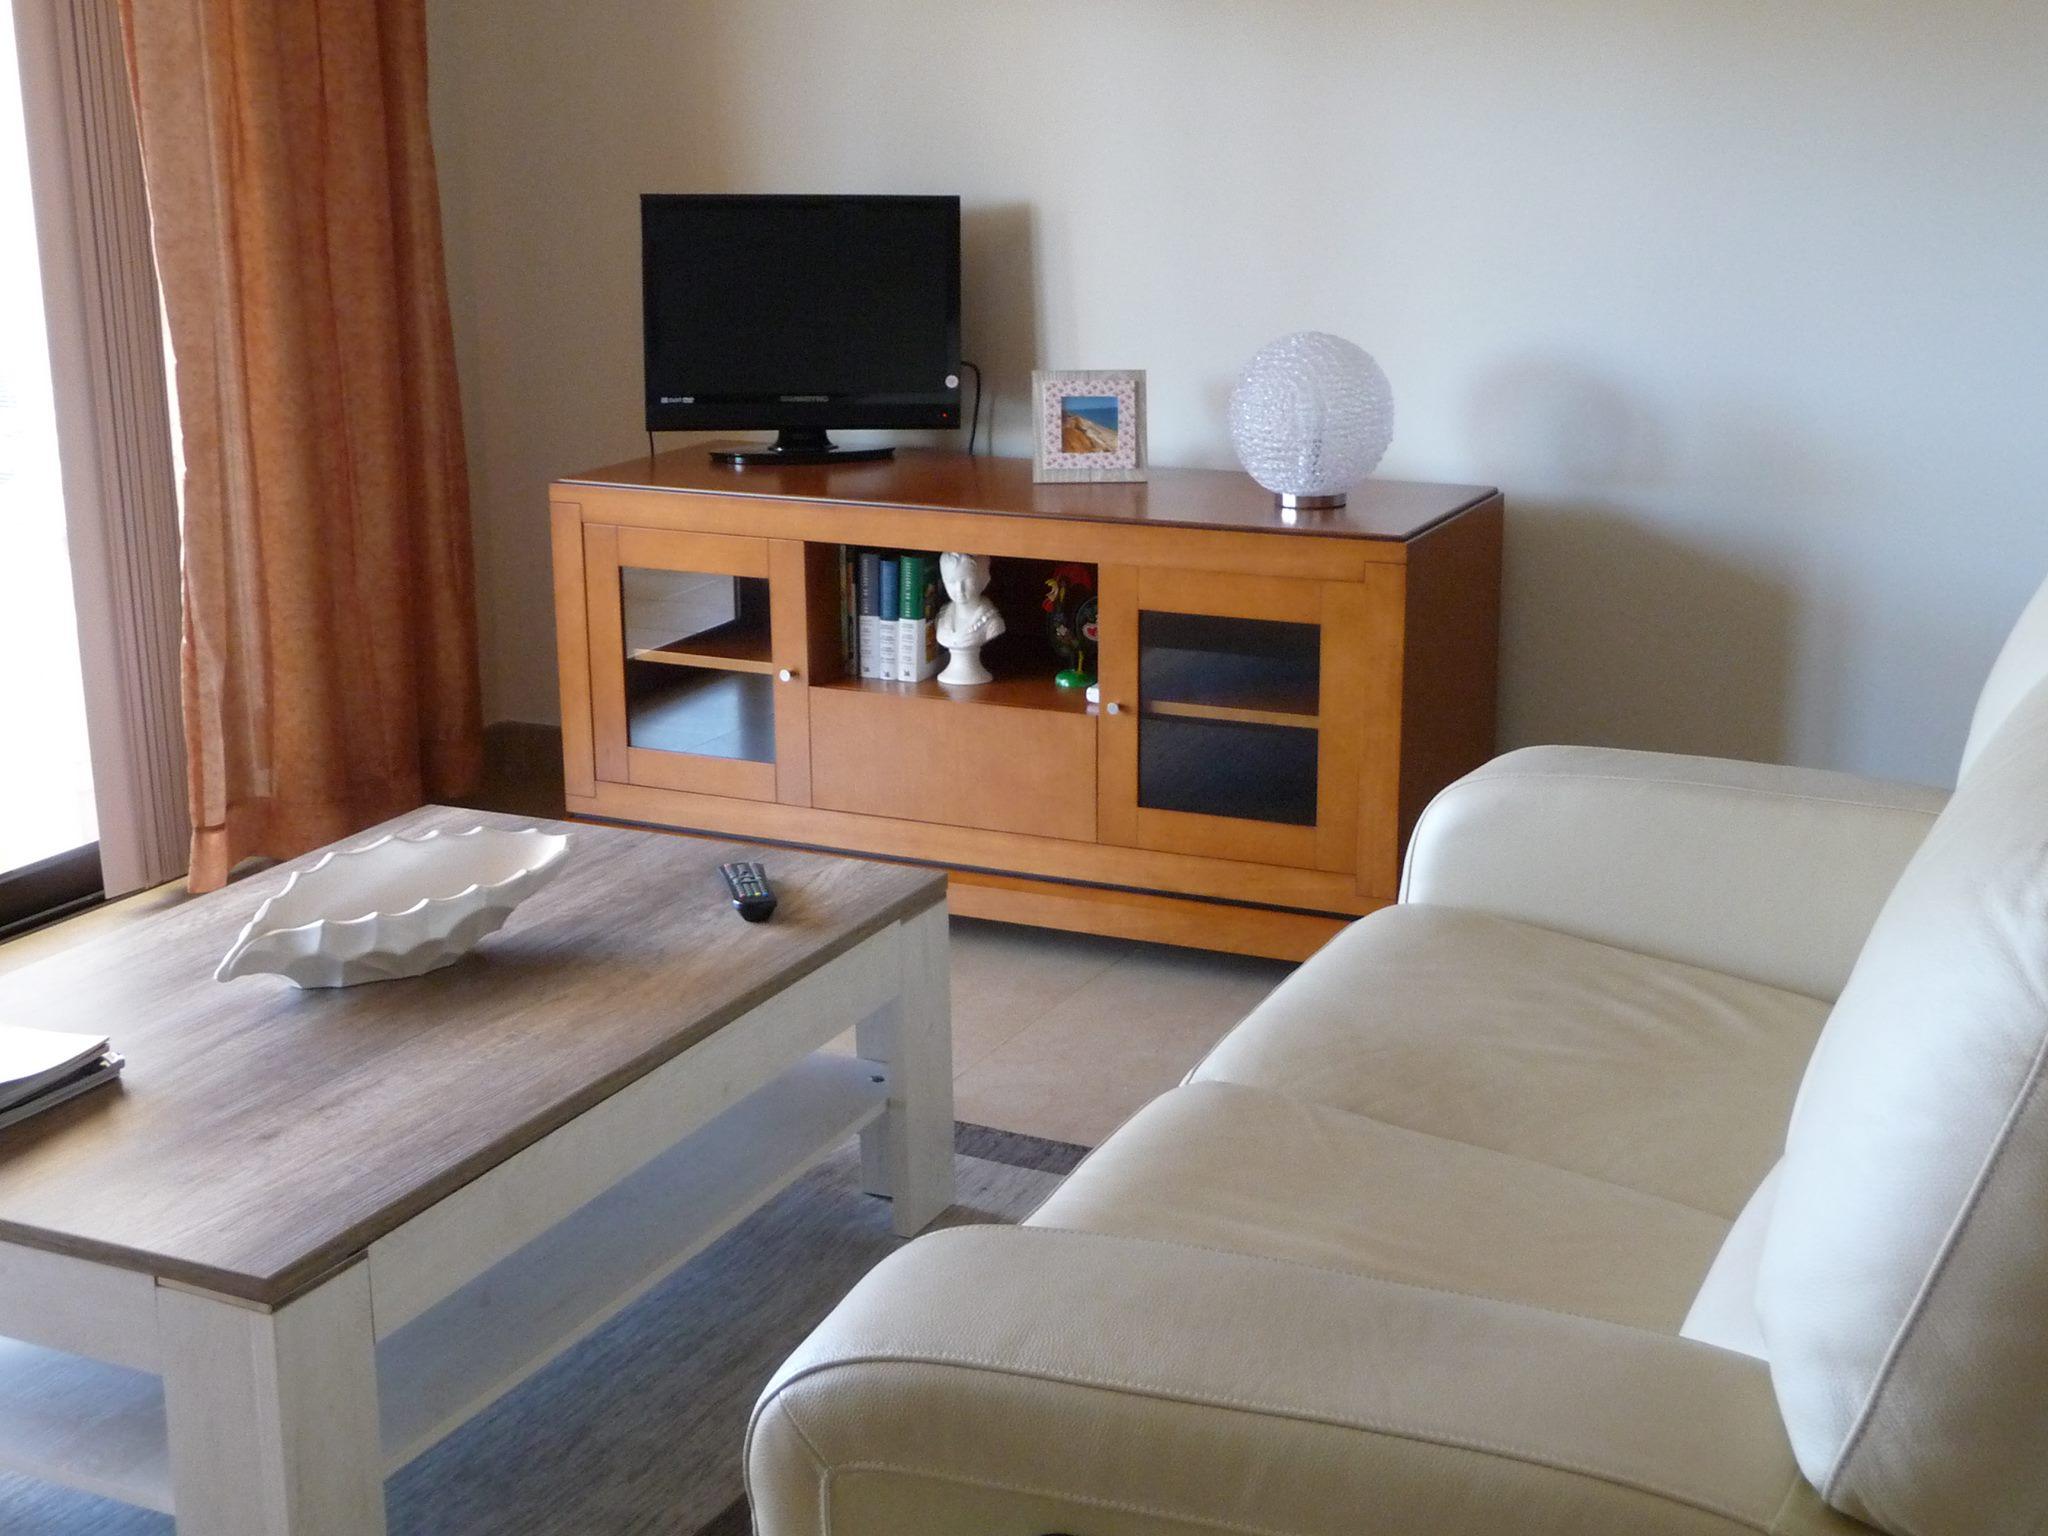 Location appartements et villas de vacance, ATLANTIDA Excellent Appartement à VILAMOURA à Vilamoura, Portugal Algarve, REF_IMG_648_721